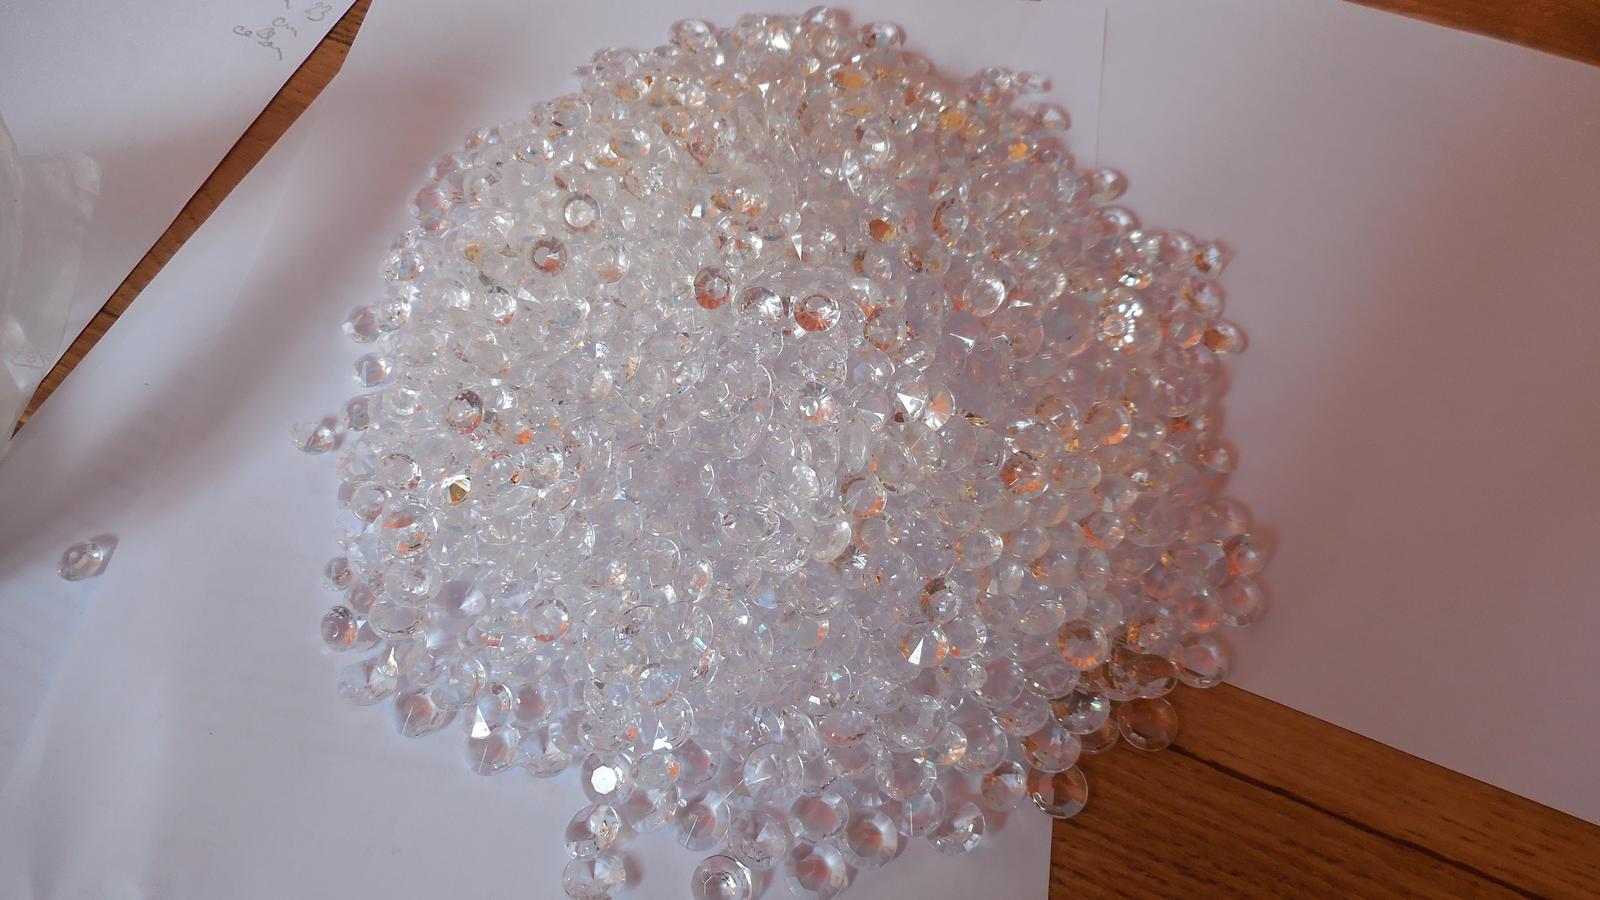 Balení asi 1600 kamínků - Obrázek č. 1